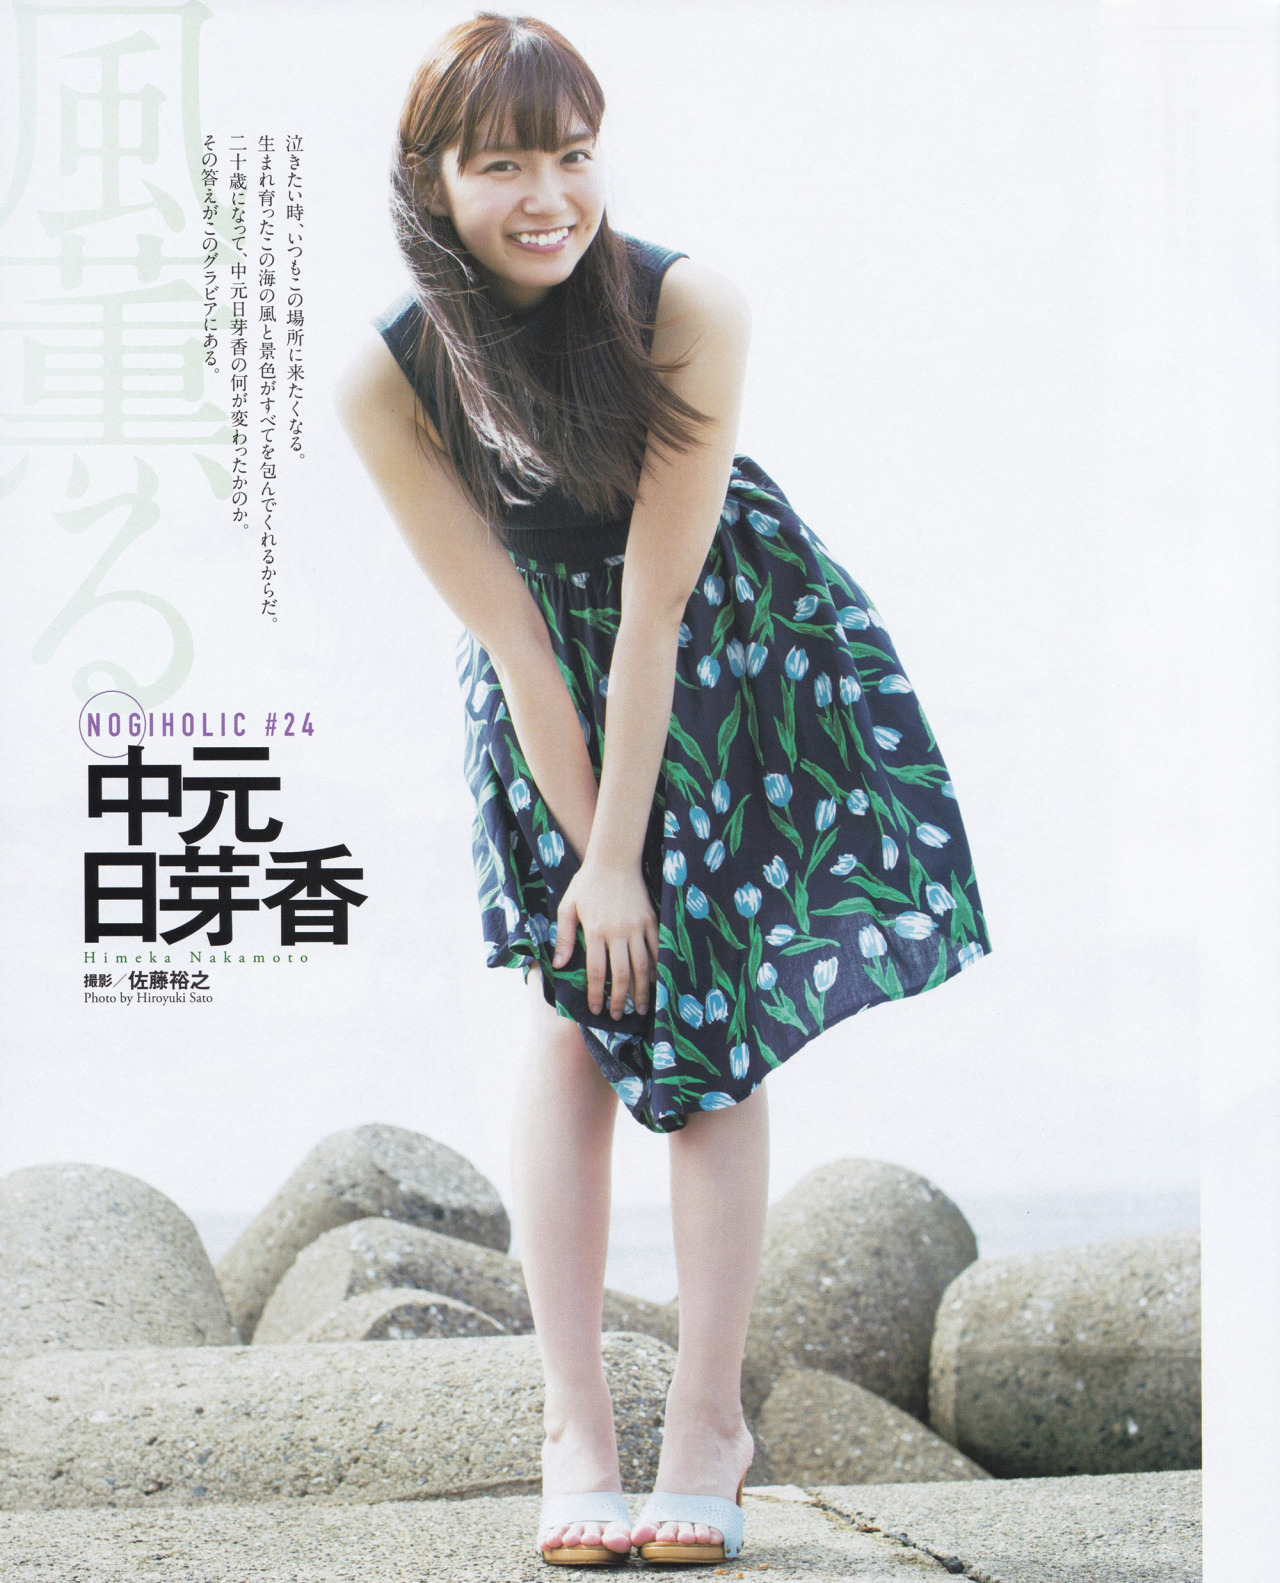 Nakamoto Himeka 中元日芽香 Nogizaka46, BUBKA (ブブカ) 2016年12月